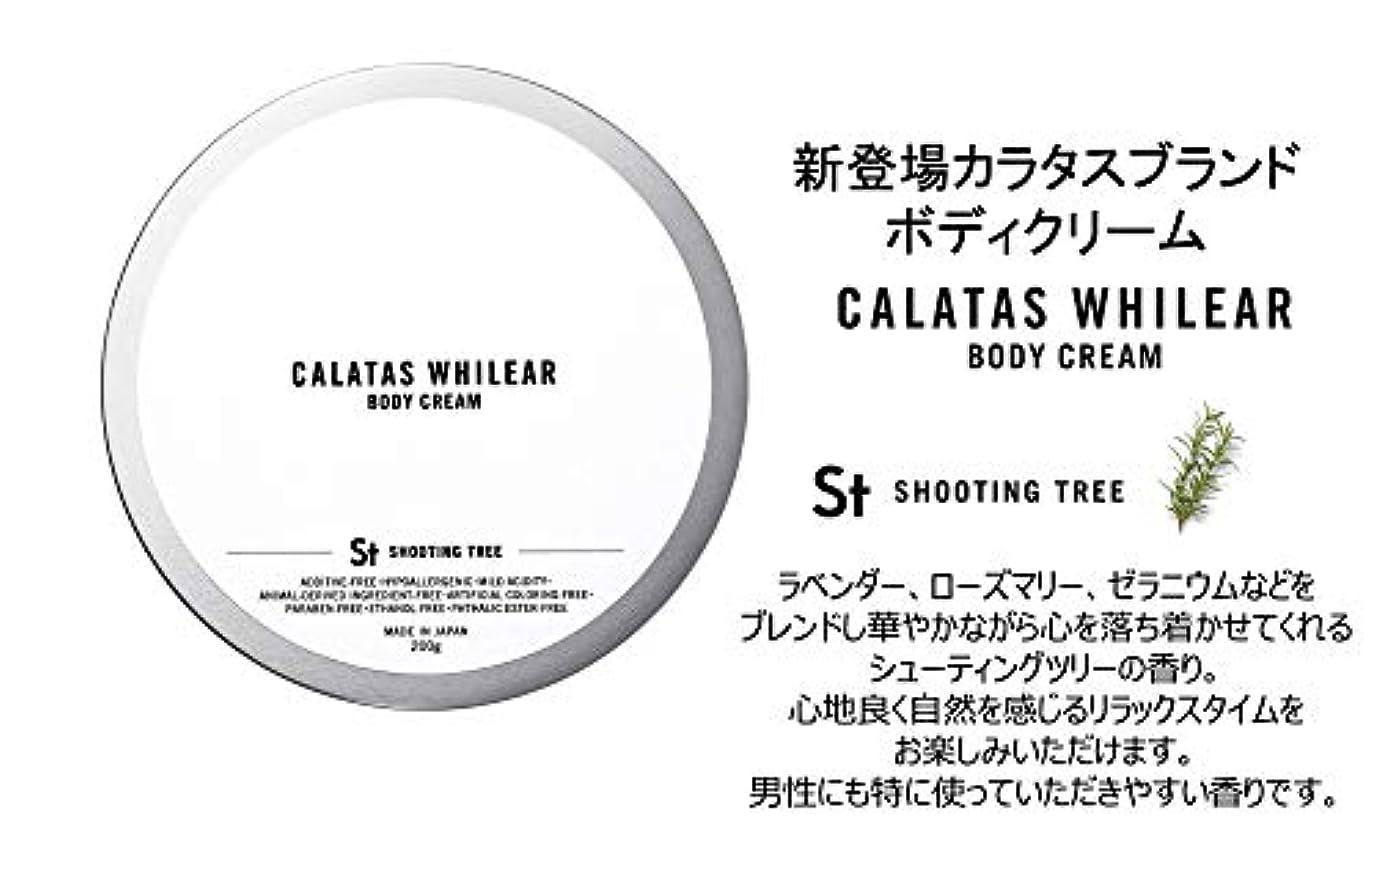 不確実土薬カラタスホワイリア ボディクリーム シューティングツリー